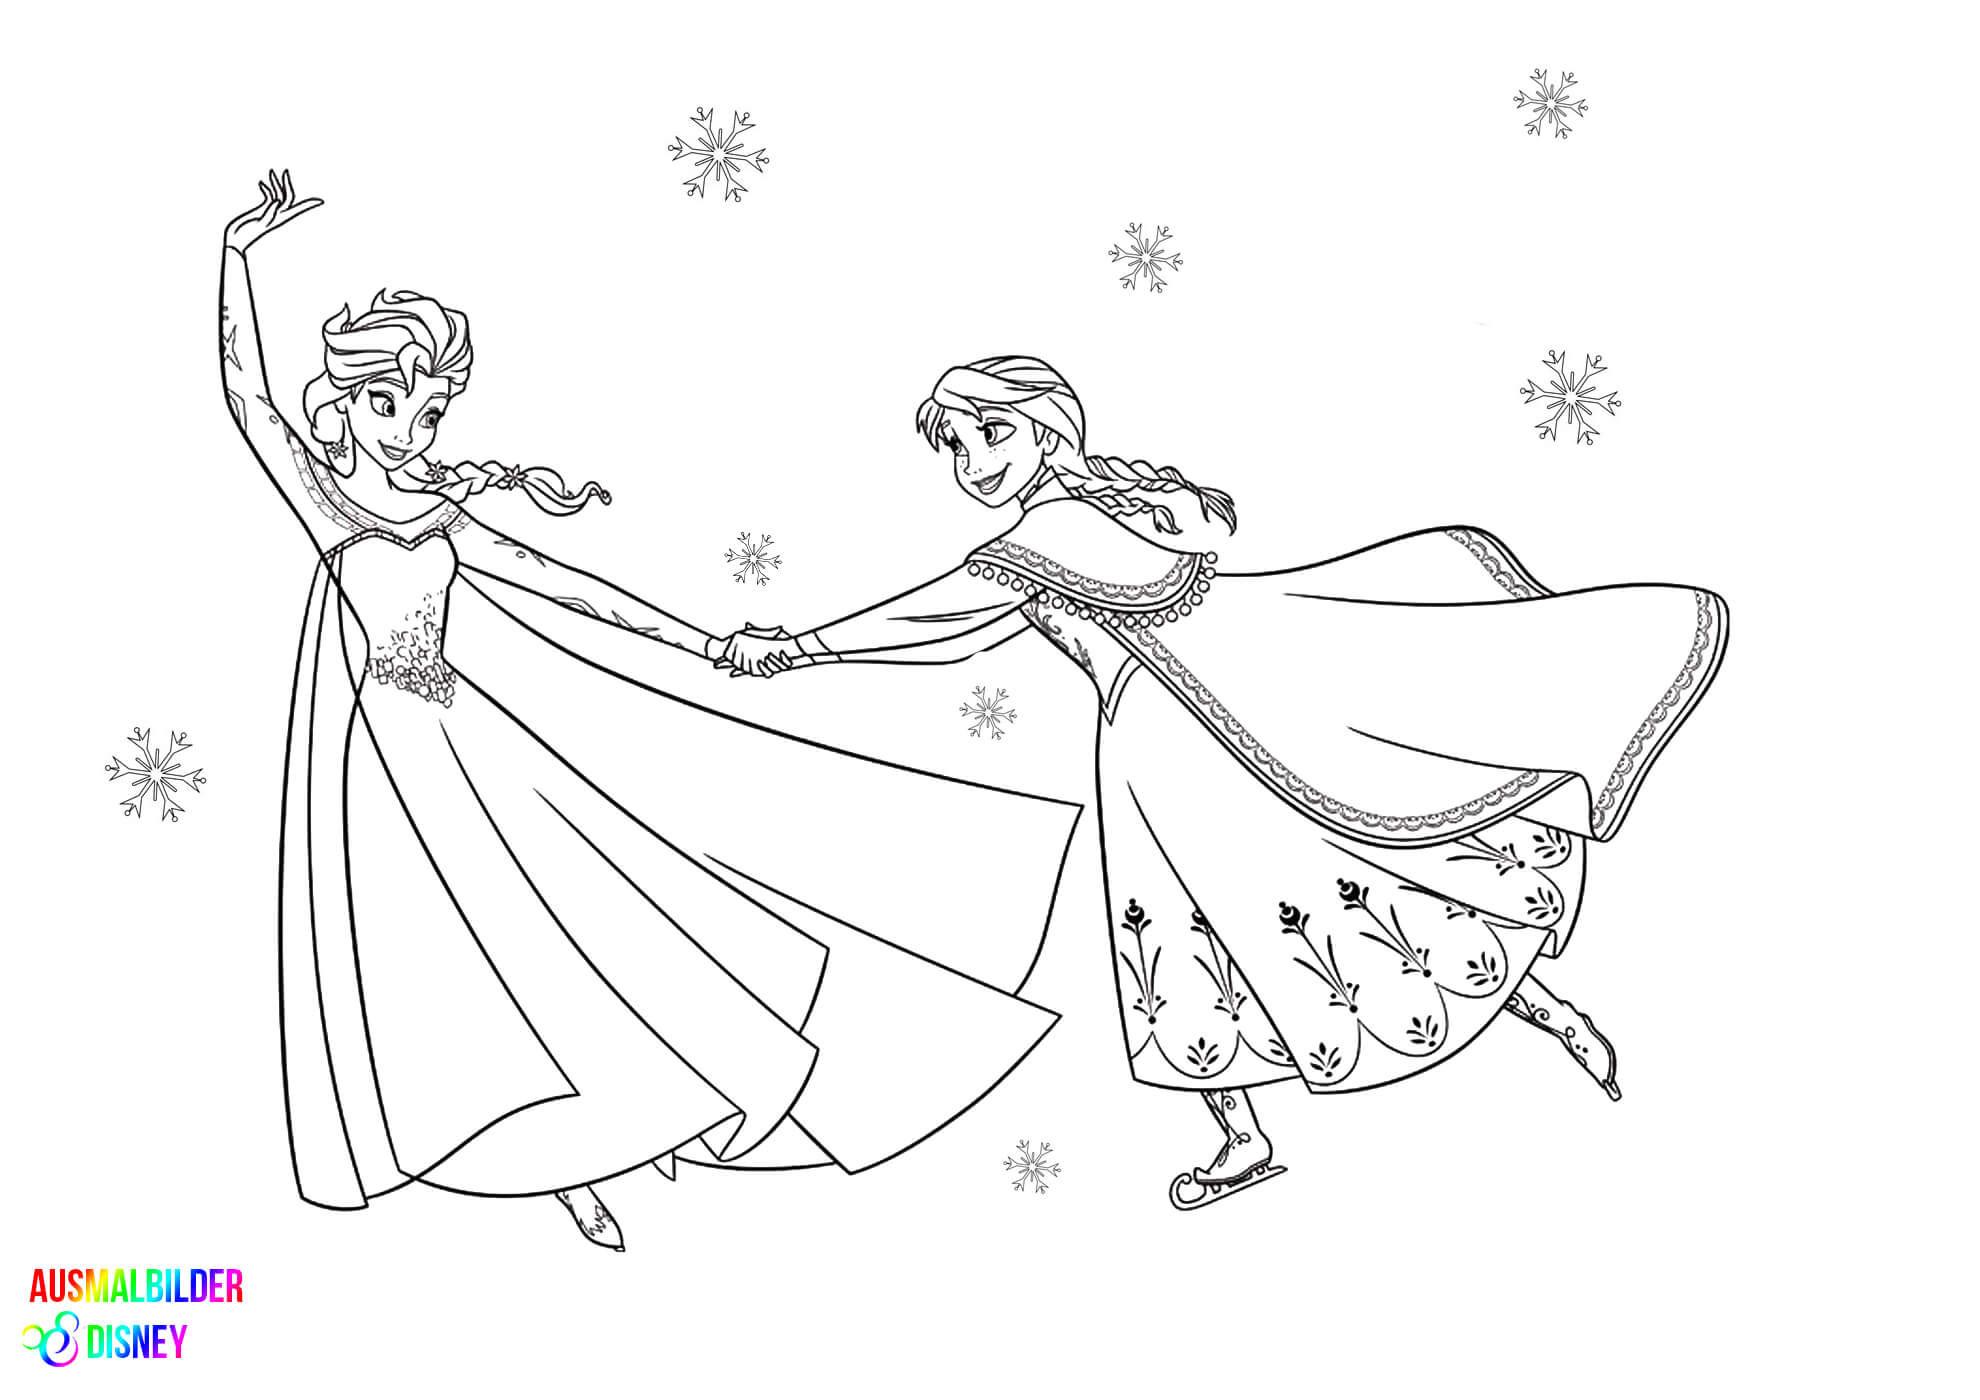 Ausmalbilder Disney Frozen  Malvorlagen Frozen – Ausmalbilder Disney Malvorlagen Elsa